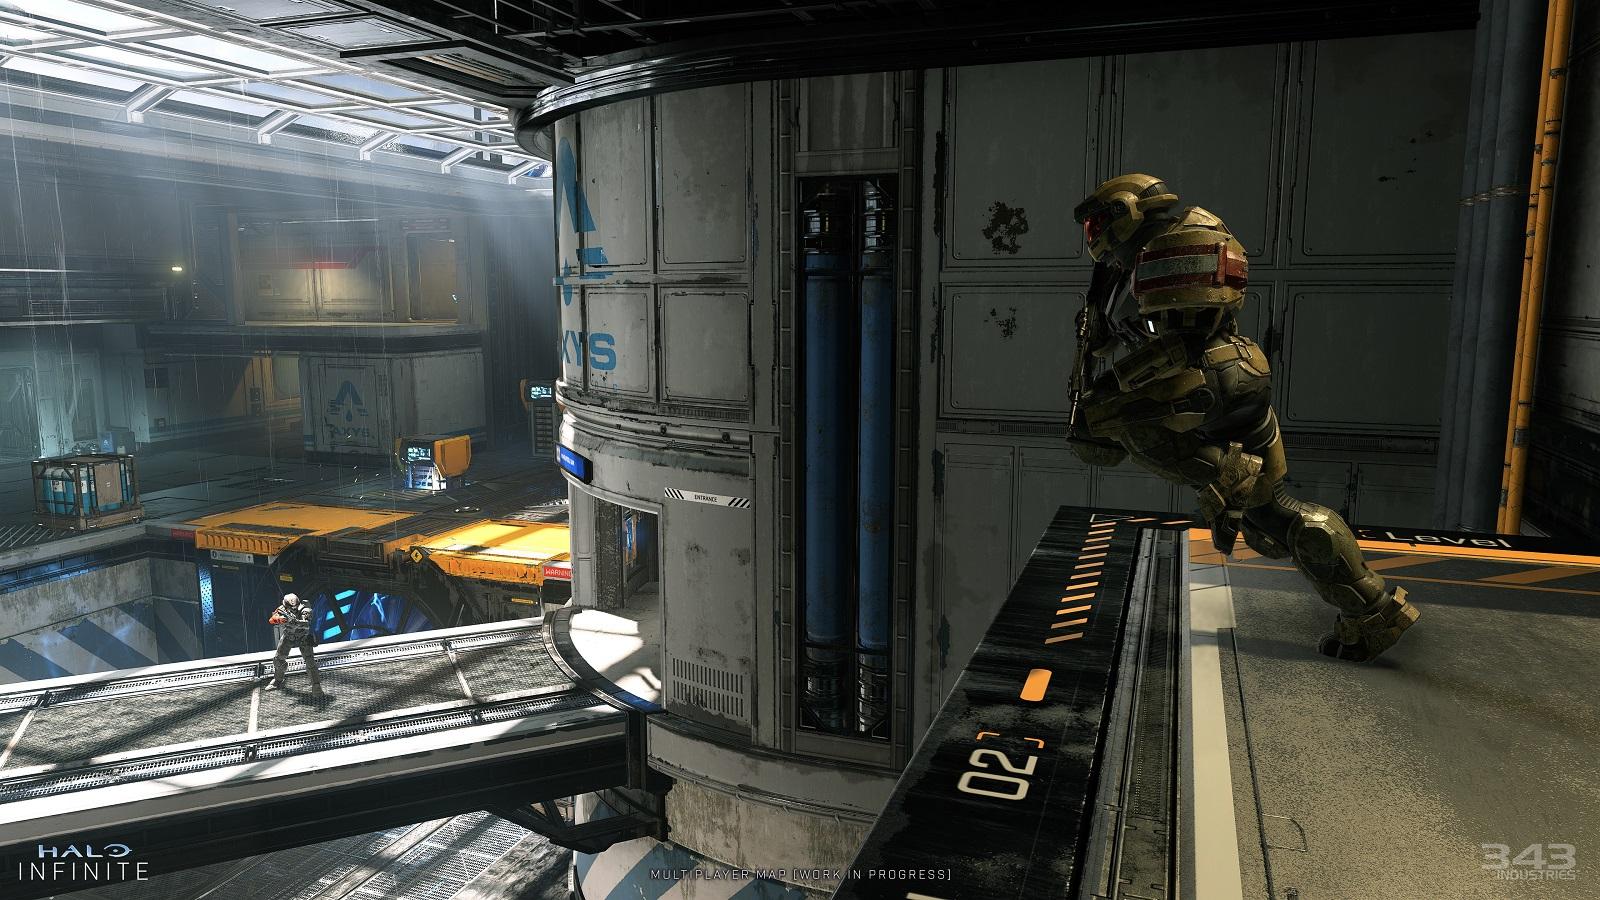 Разработчики Halo Infinite уточнили сроки выхода игры — релиз запланирован на осень 2021 года